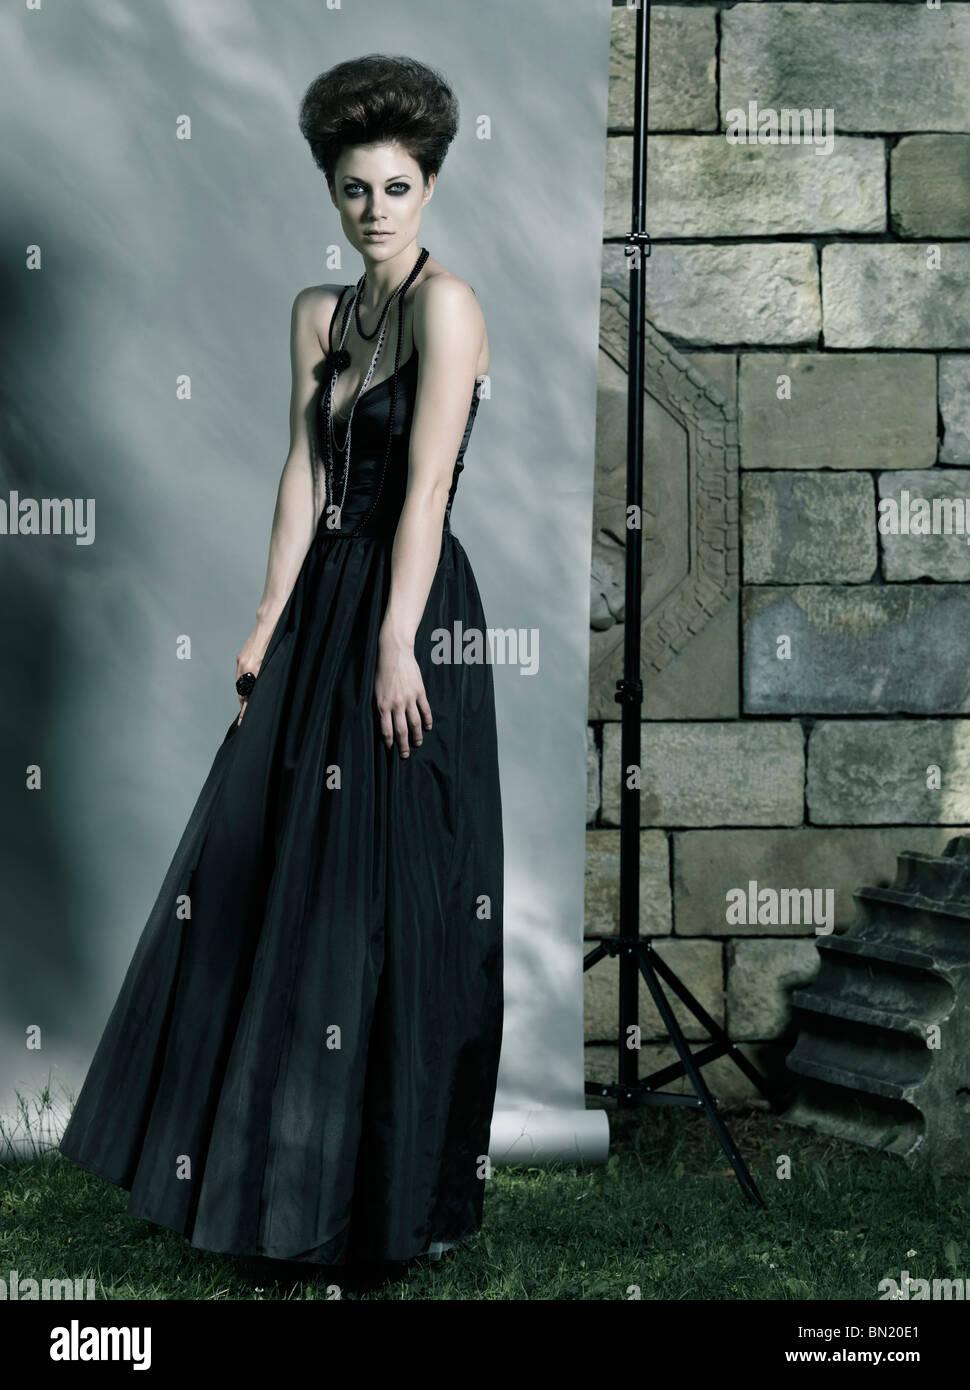 Alta moda foto di una bella donna che indossa Lungo abito nero Immagini Stock